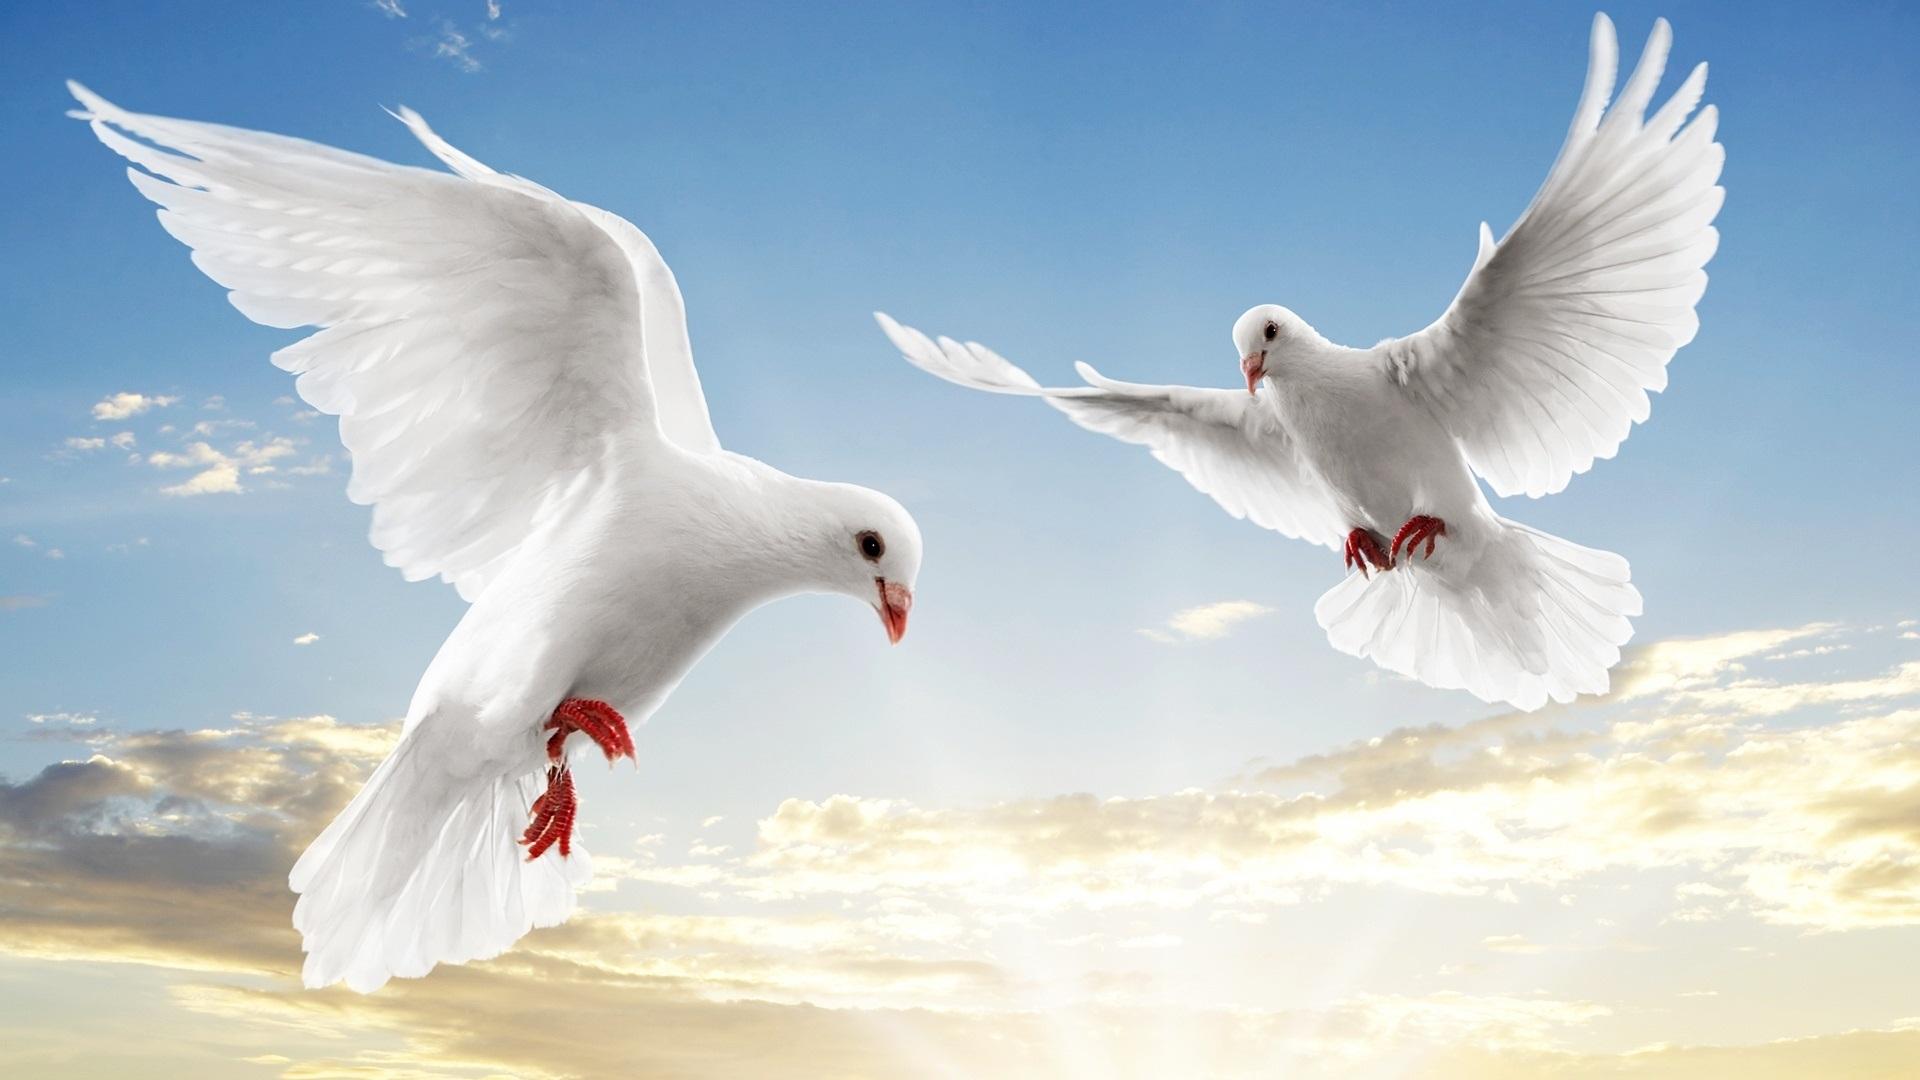 بالصور صور عن السلام , اجمل صور عن السلام 5857 7